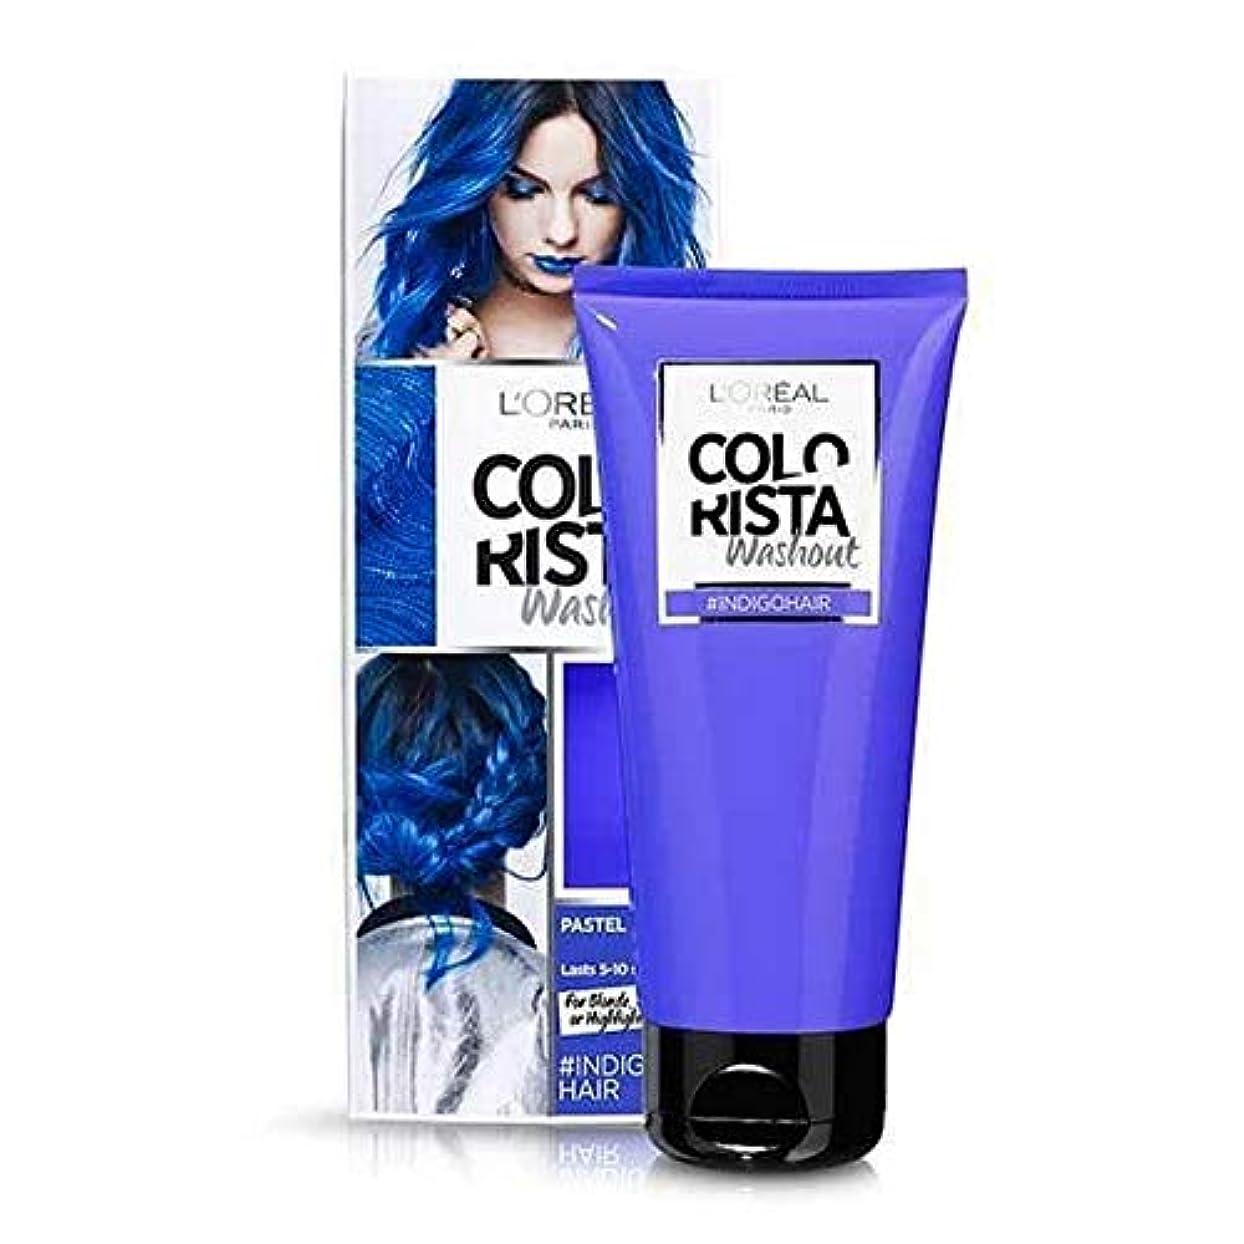 うめき技術者やめる[Colorista] 青半永久染毛剤藍Colorista洗い出し - Colorista Washout Indigo Blue Semi-Permanent Hair Dye [並行輸入品]